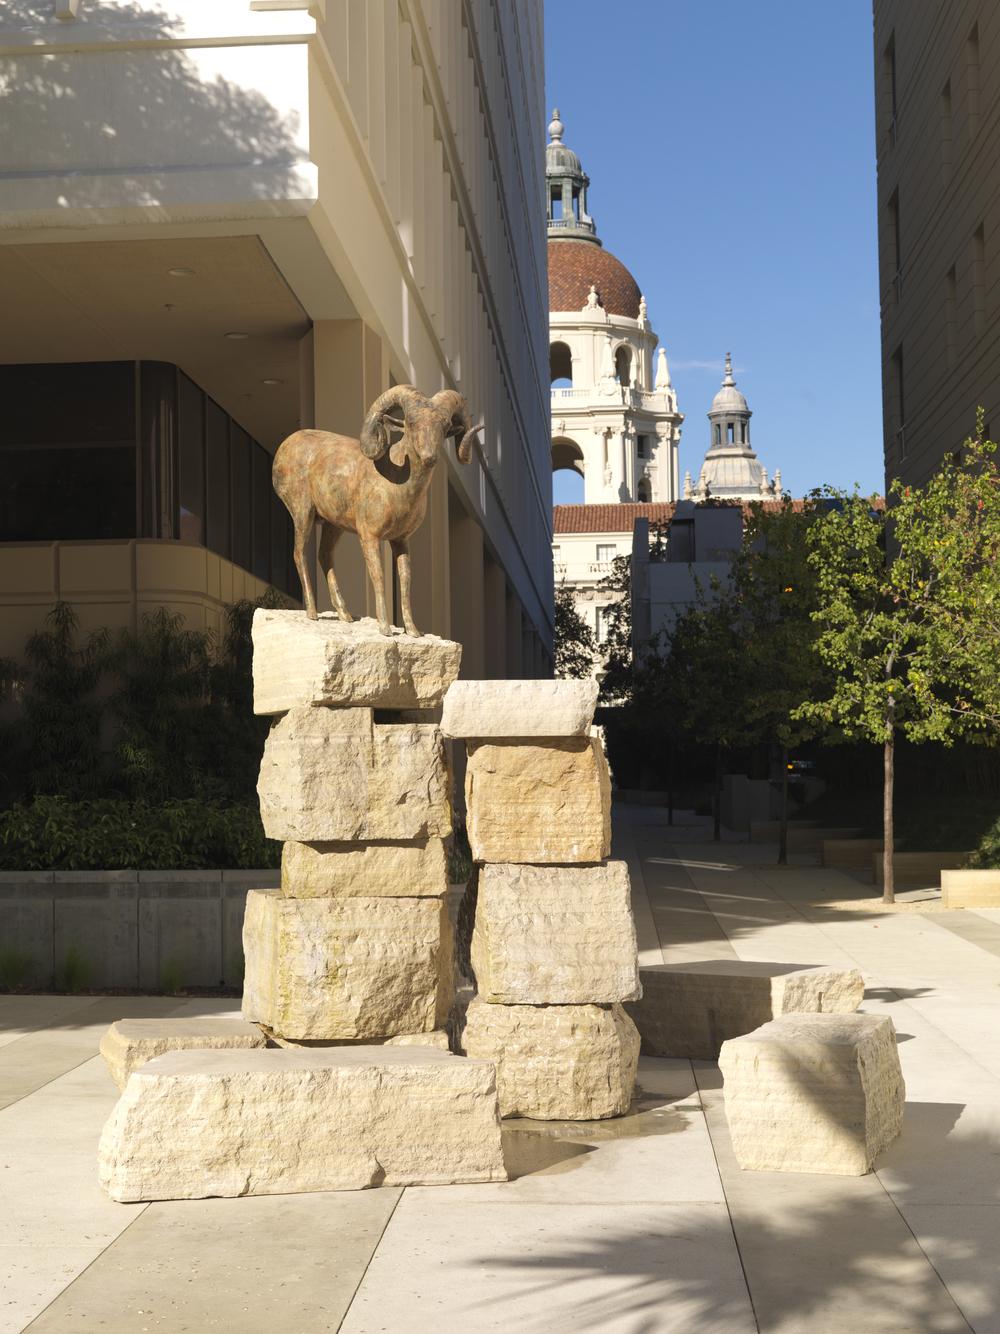 Bighorn Fountain